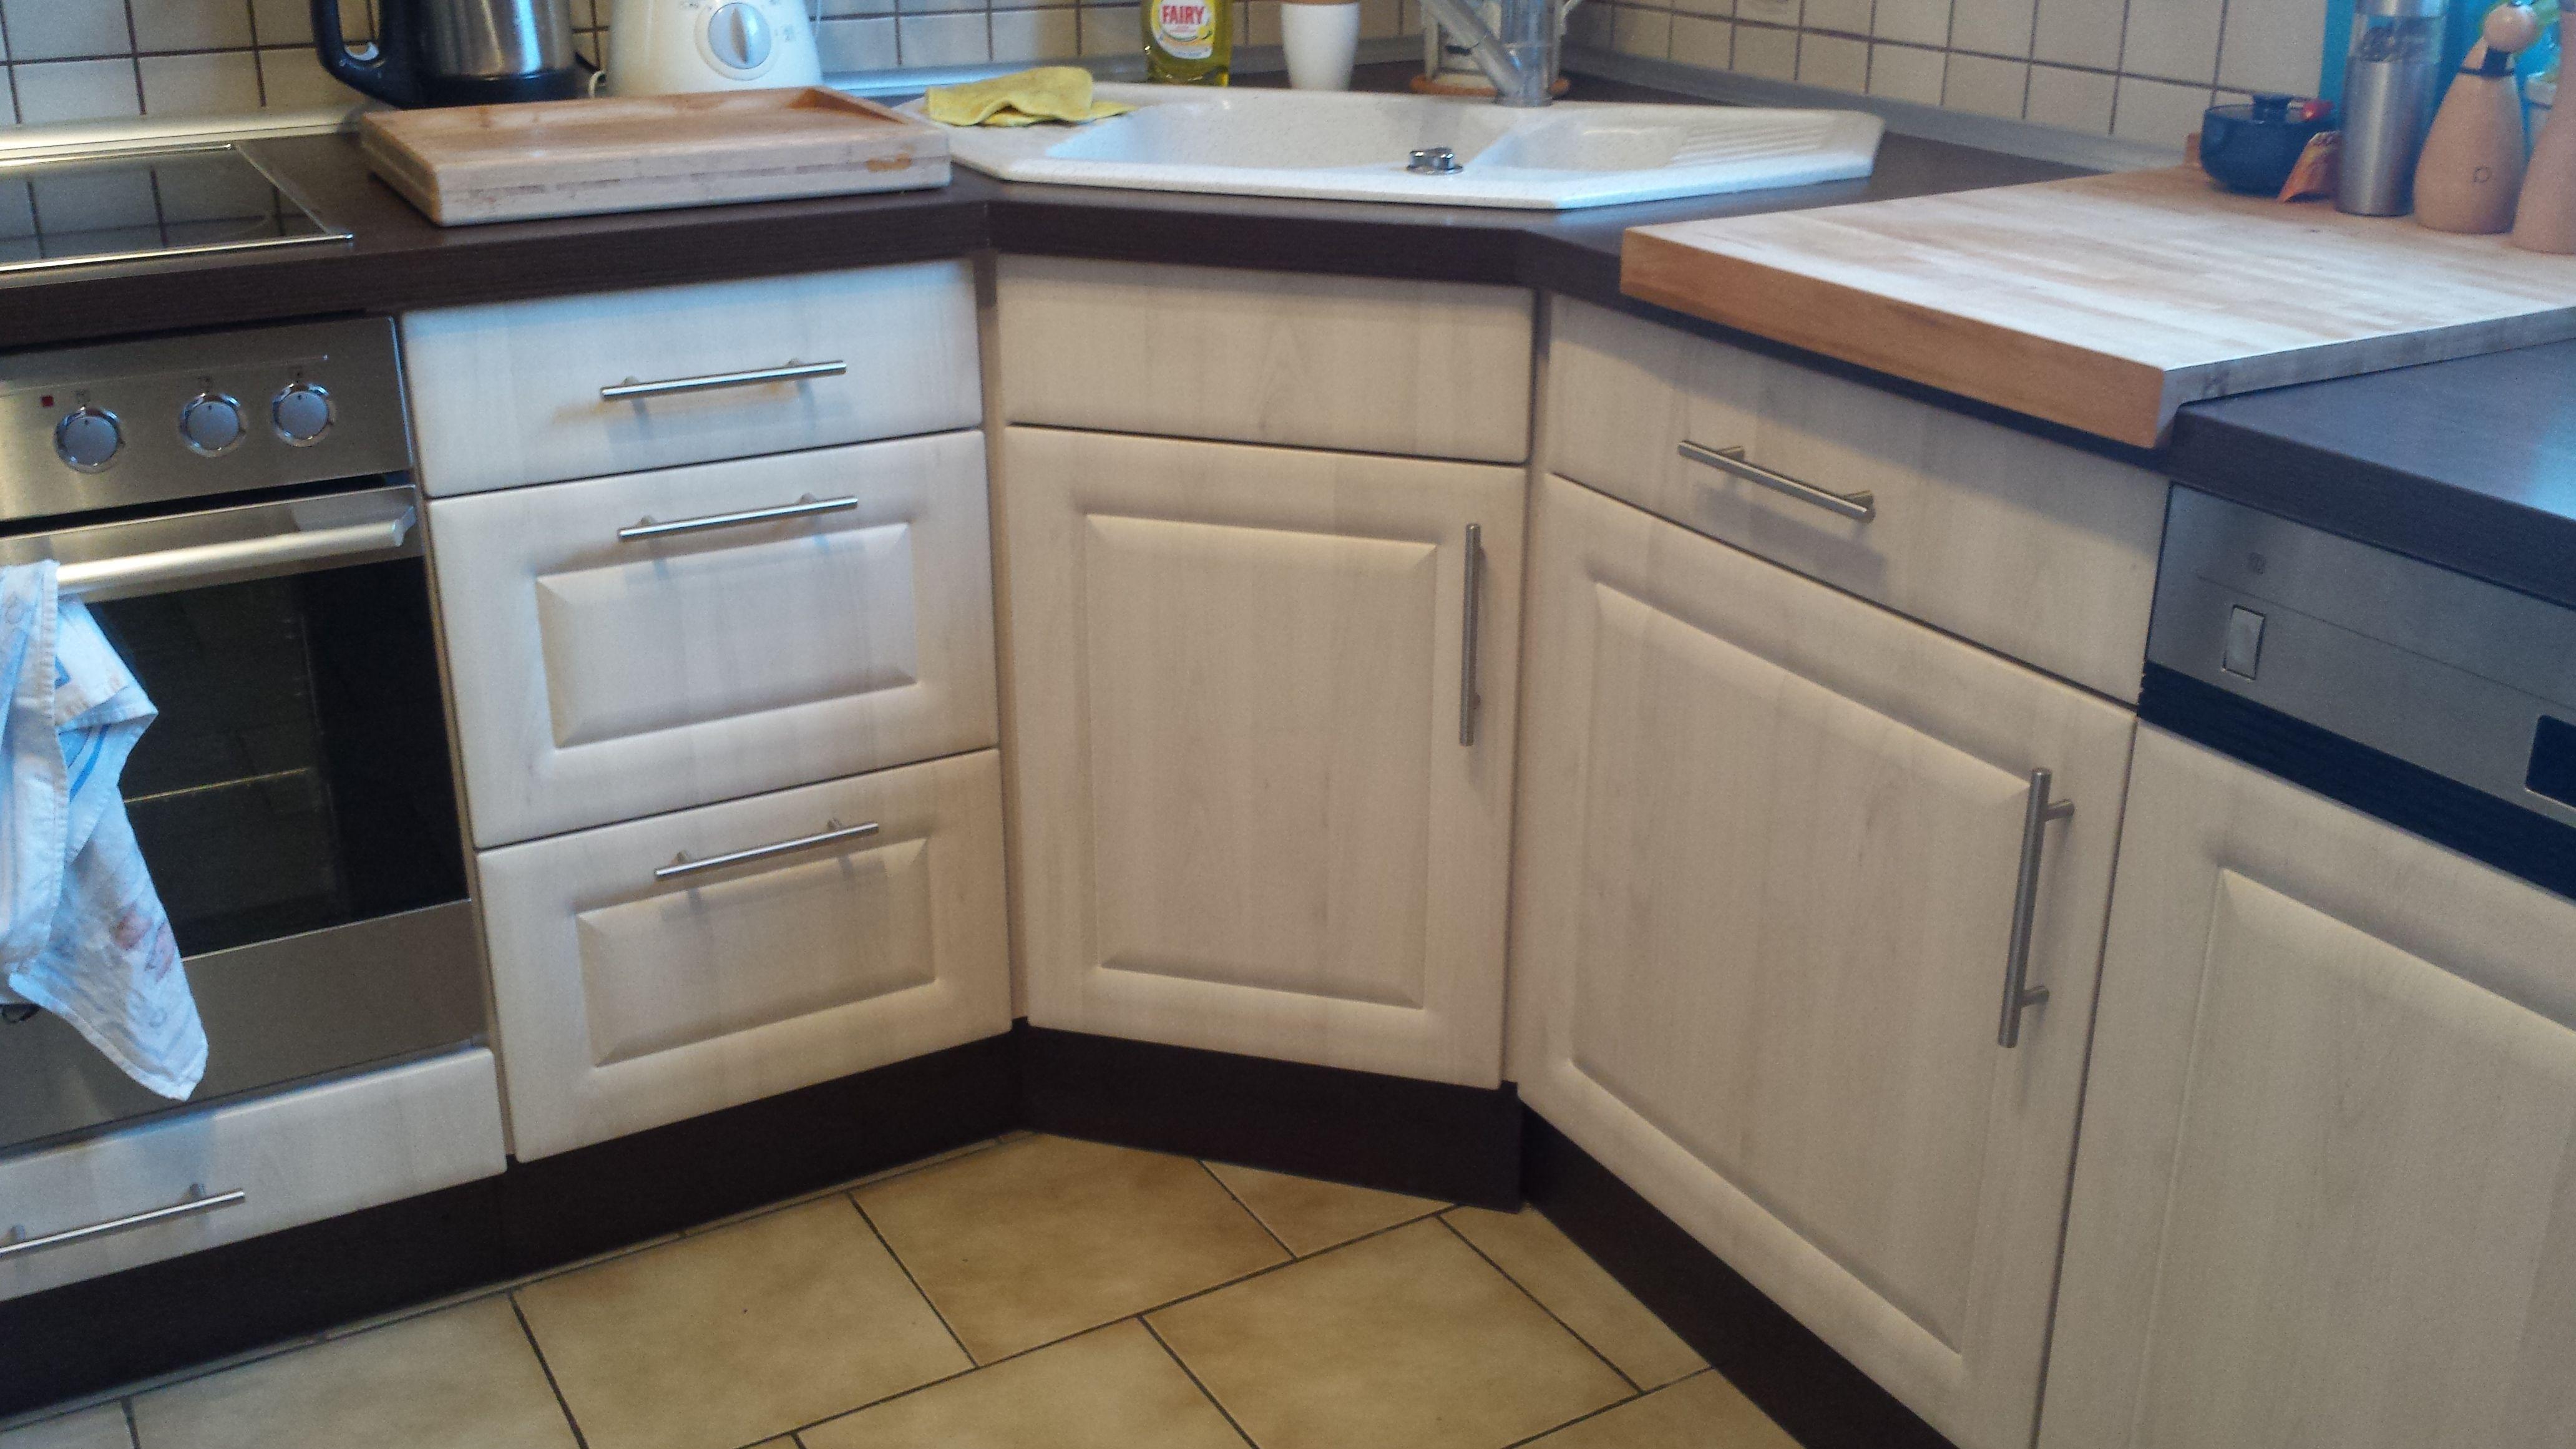 Küchenfronten bestellen  Küchenfront 24 — Konfigurieren Sie die Fronten ihrer Traumküche ...